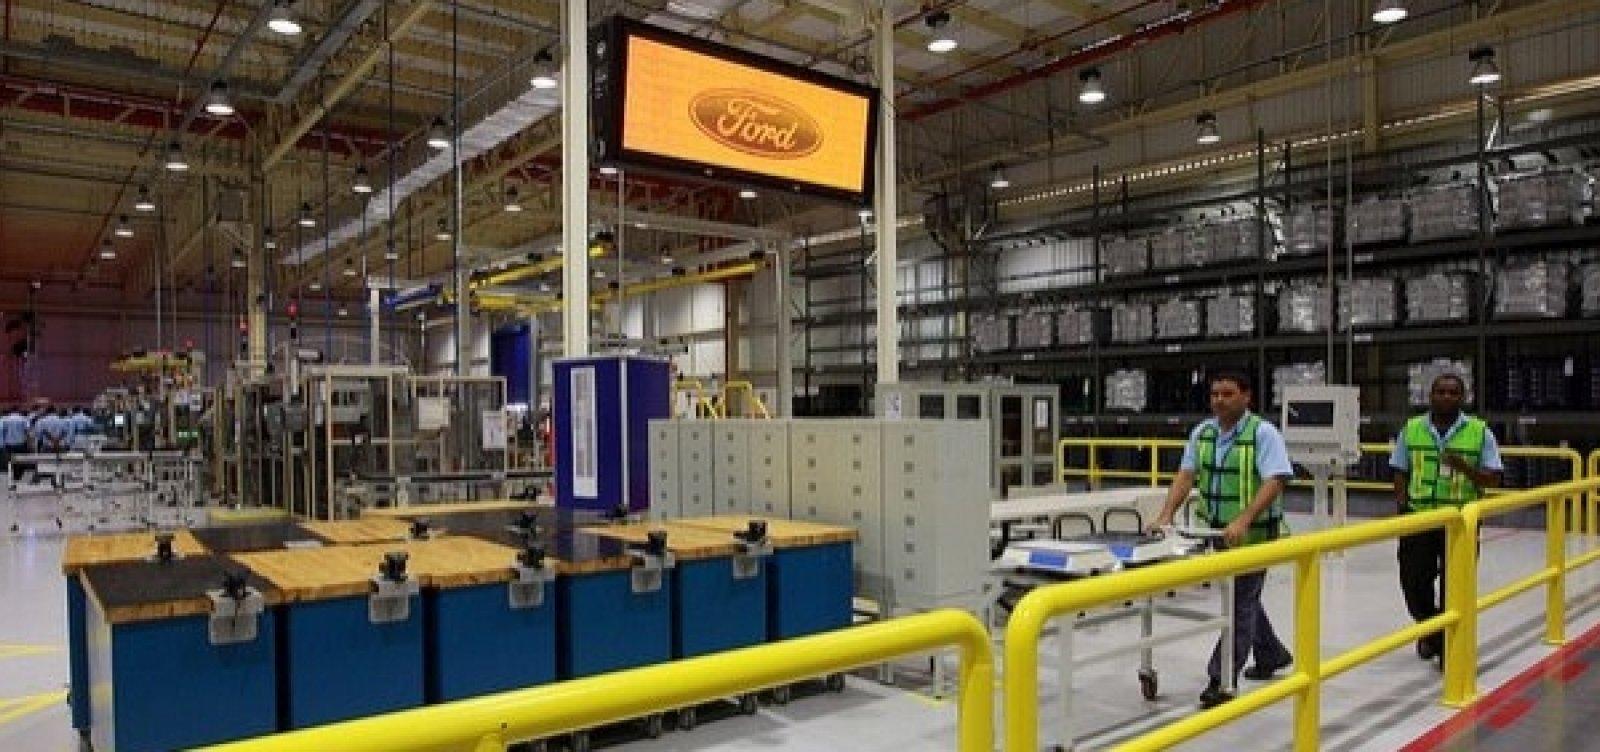 Um mês após anúncio da saída da Ford, Dieese estima perda de 124 mil postos de trabalho